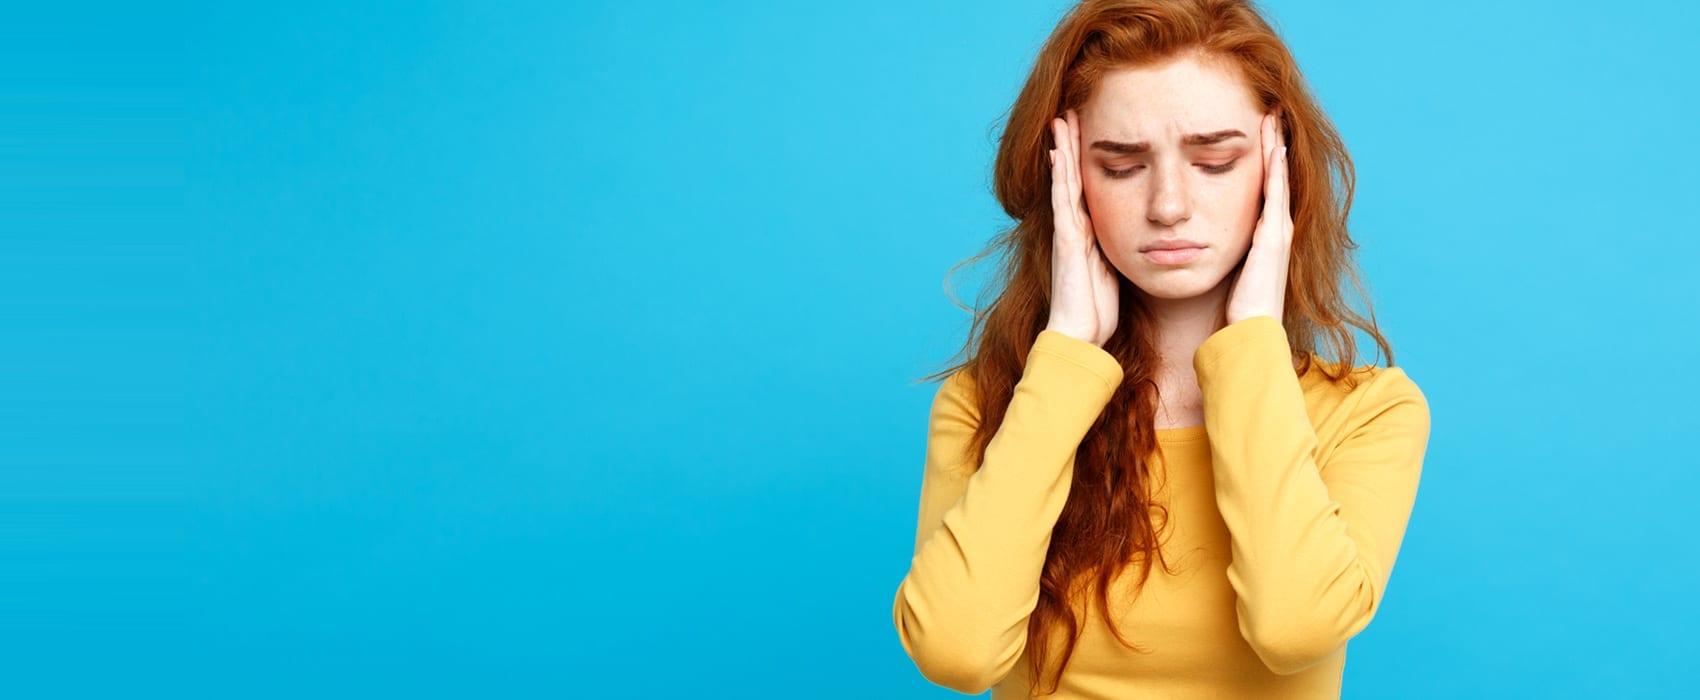 Symptome Schwindel und Benommenheit: Watte im Kopf? Wir zeigen Ihnen was zu tun ist und wann Schwindel ein Anzeichen einer Herzerkrankung ist | Cardiopraxis - Ihre Praxis für Kardiologie in Düsseldorf und Meerbusch